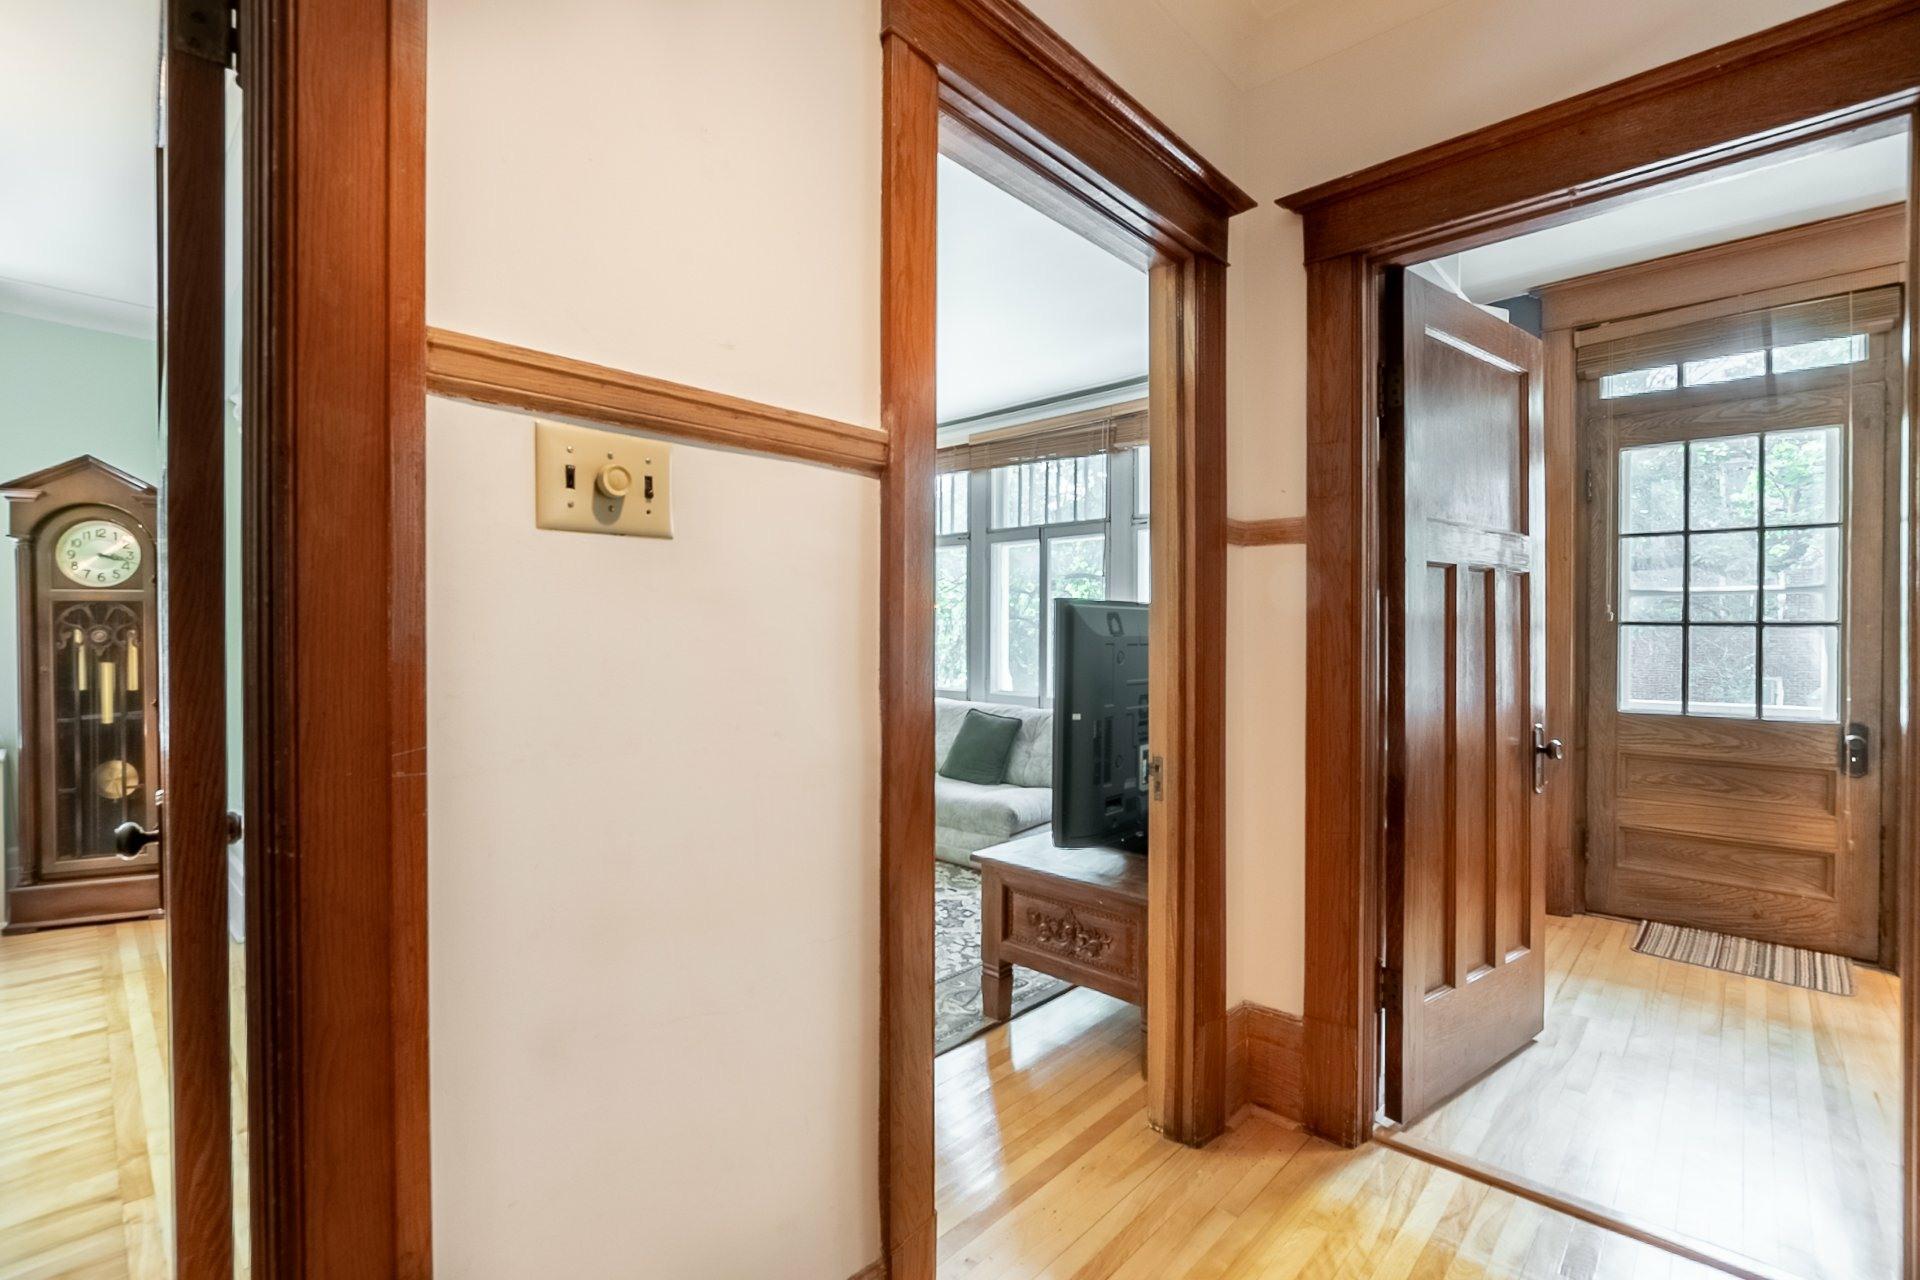 image 2 - Appartement À vendre Outremont Montréal  - 9 pièces